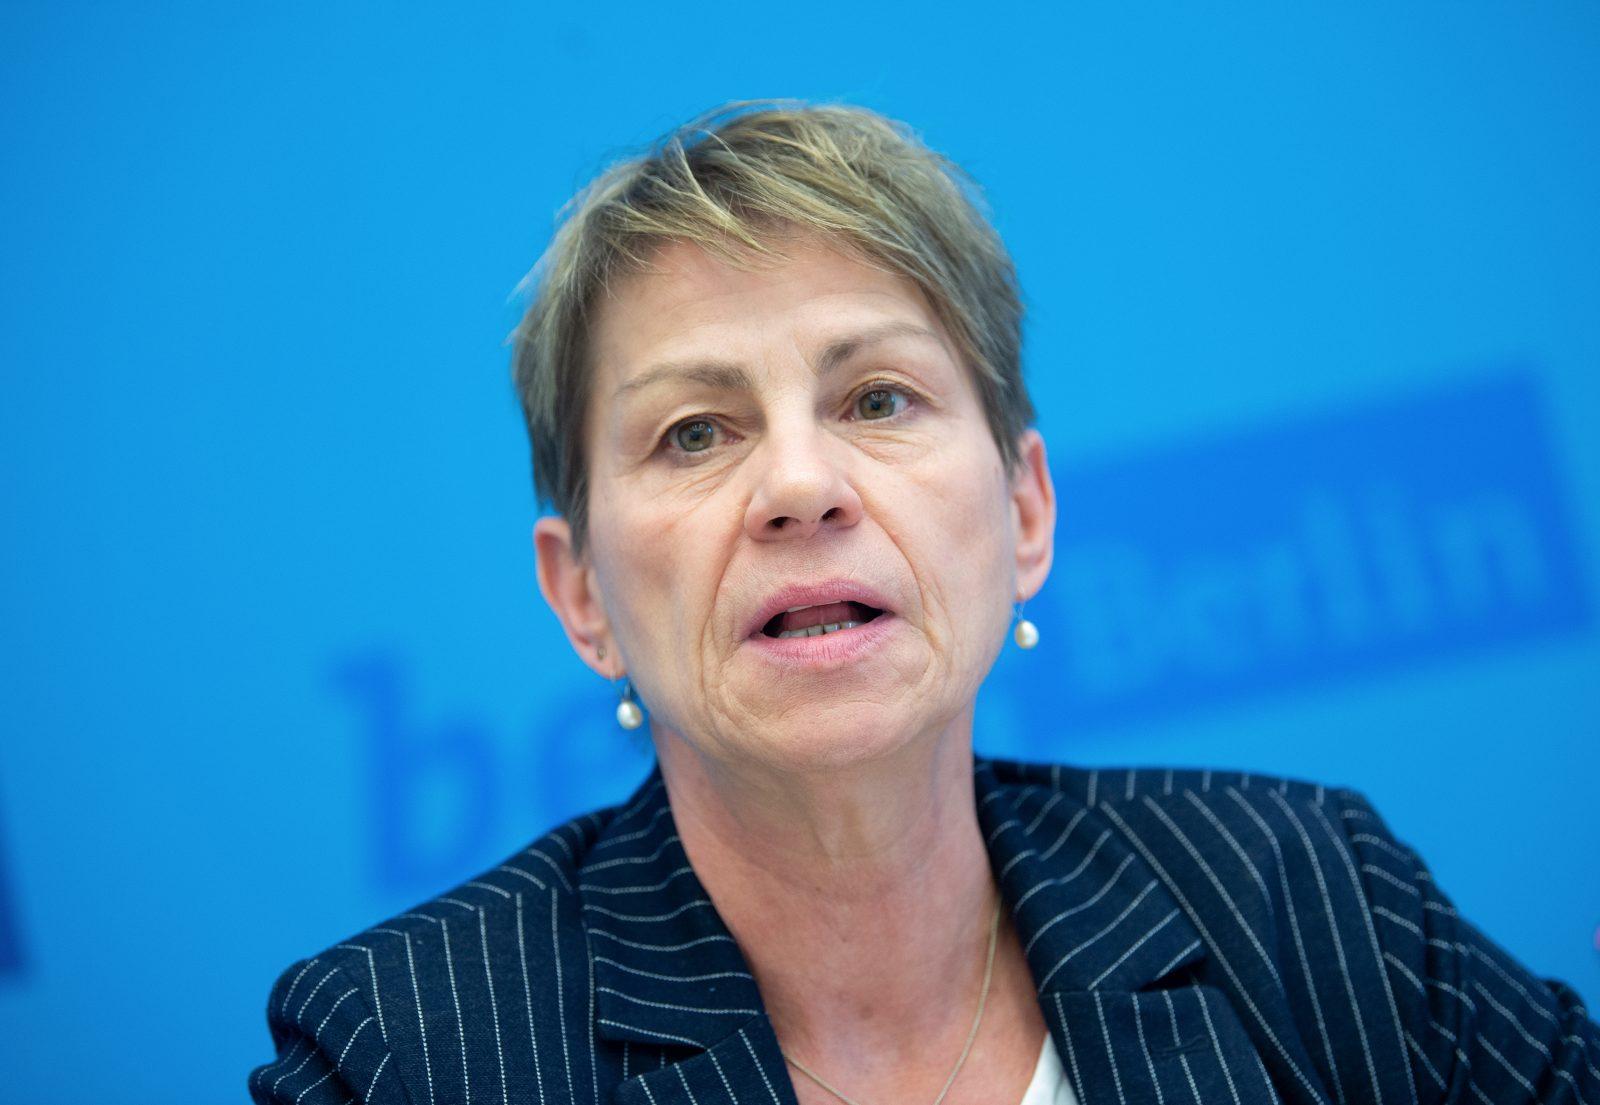 Elke Breitenbach (Linkspartei)